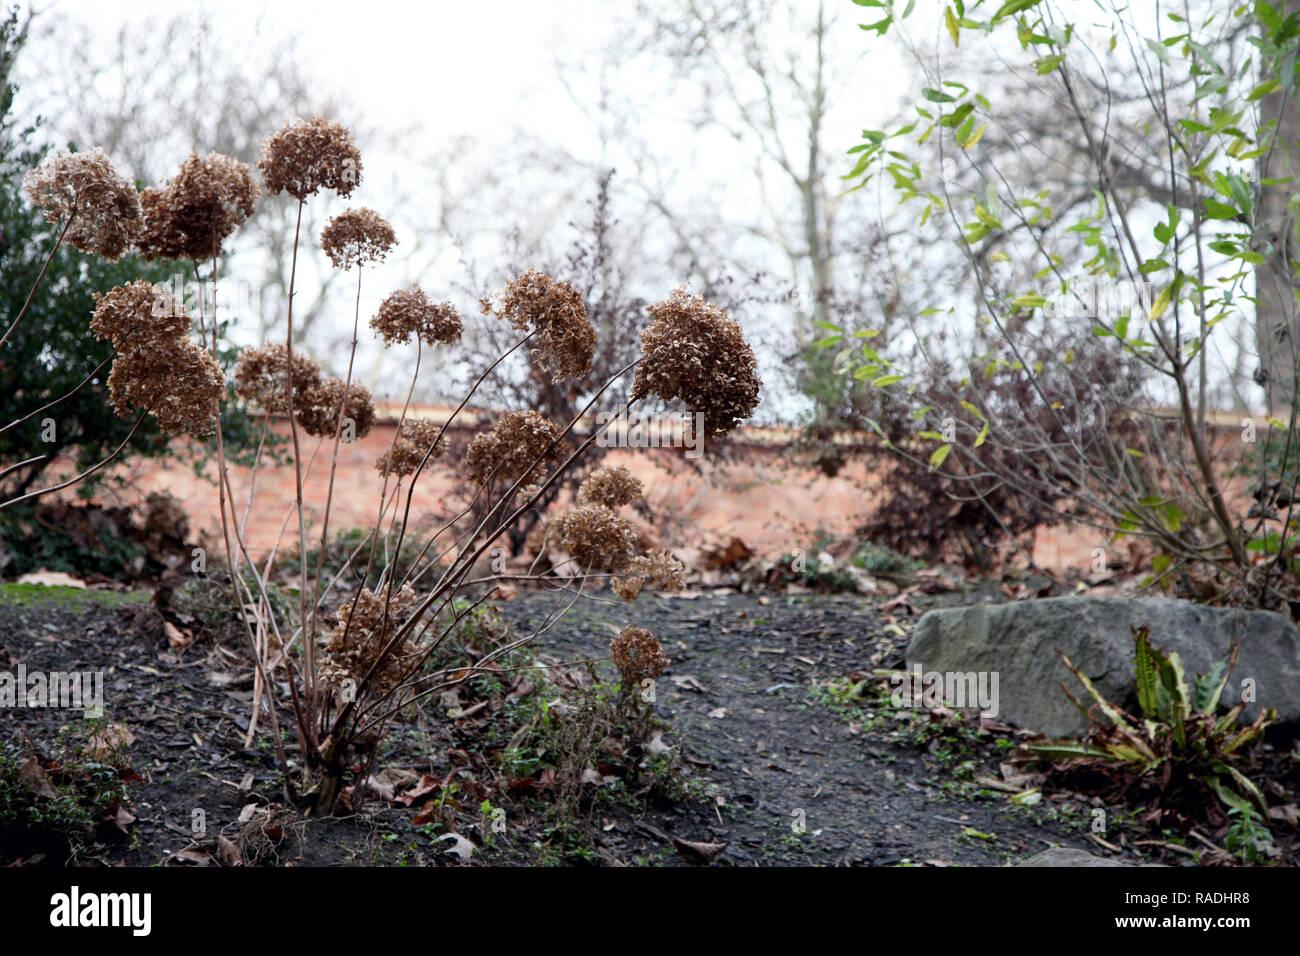 Dead hydrangea flowers in wintry setting Stock Photo